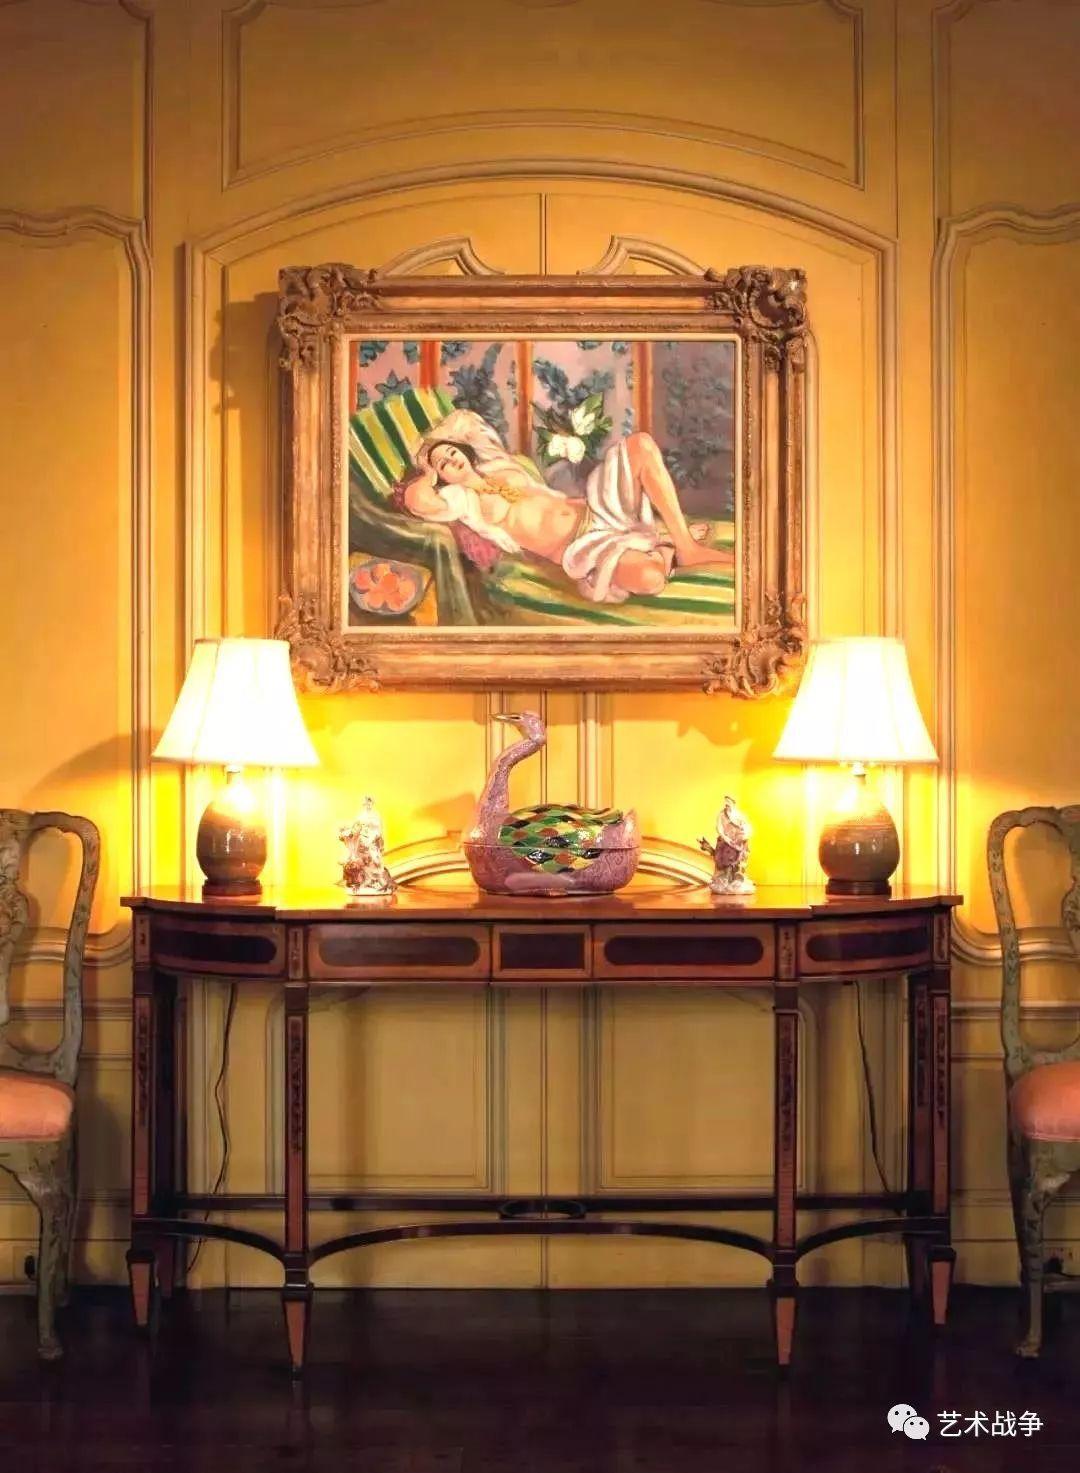 世界第一艺术收藏家族 只拿出1%的艺术品,就卖了100亿